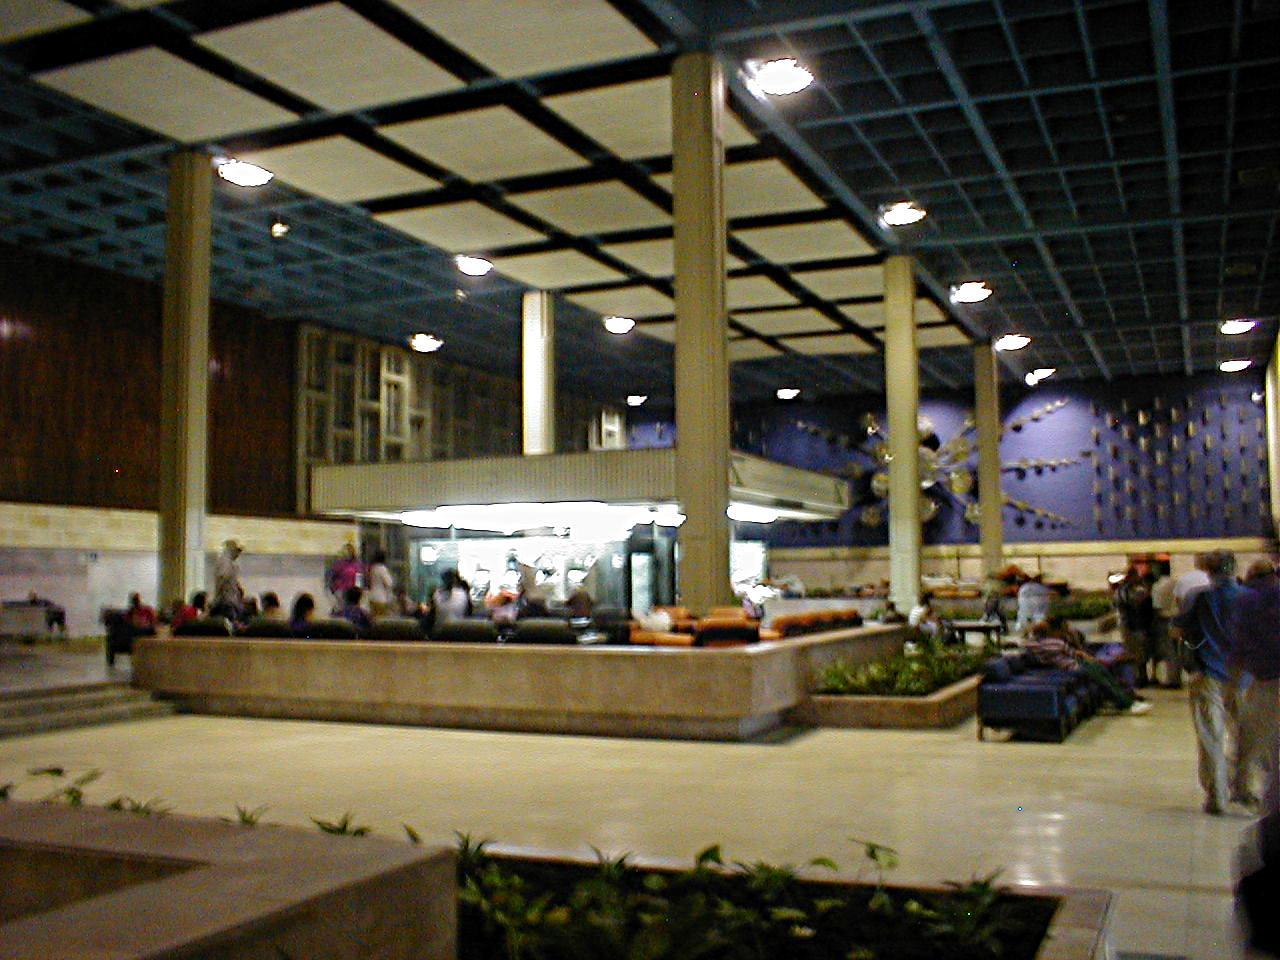 Hospital Lobby Cuba November 2002